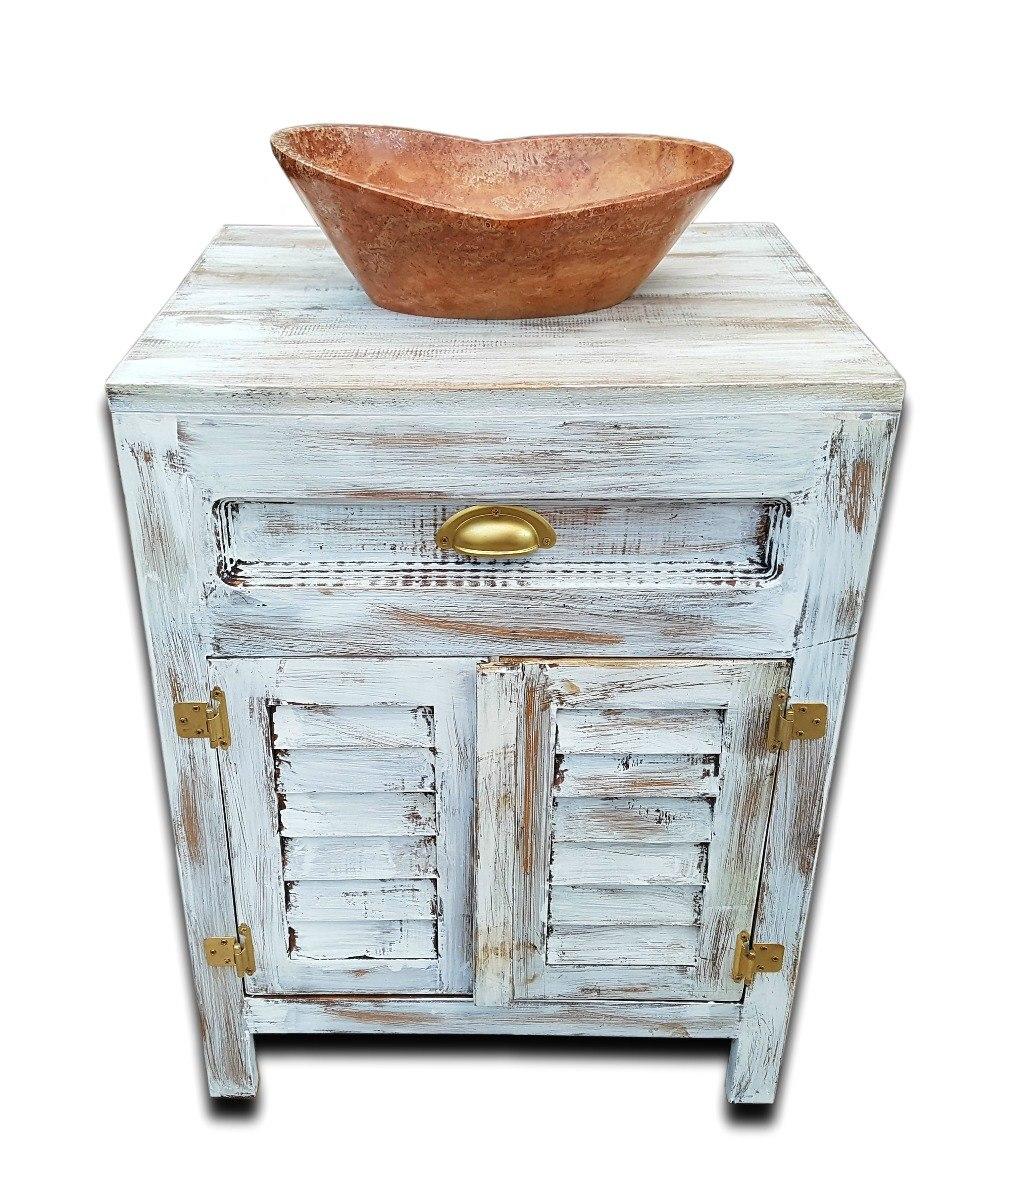 Mueble ba o incluido lavabo ovalin vintage rustico blanco for Mueble bano rustico blanco